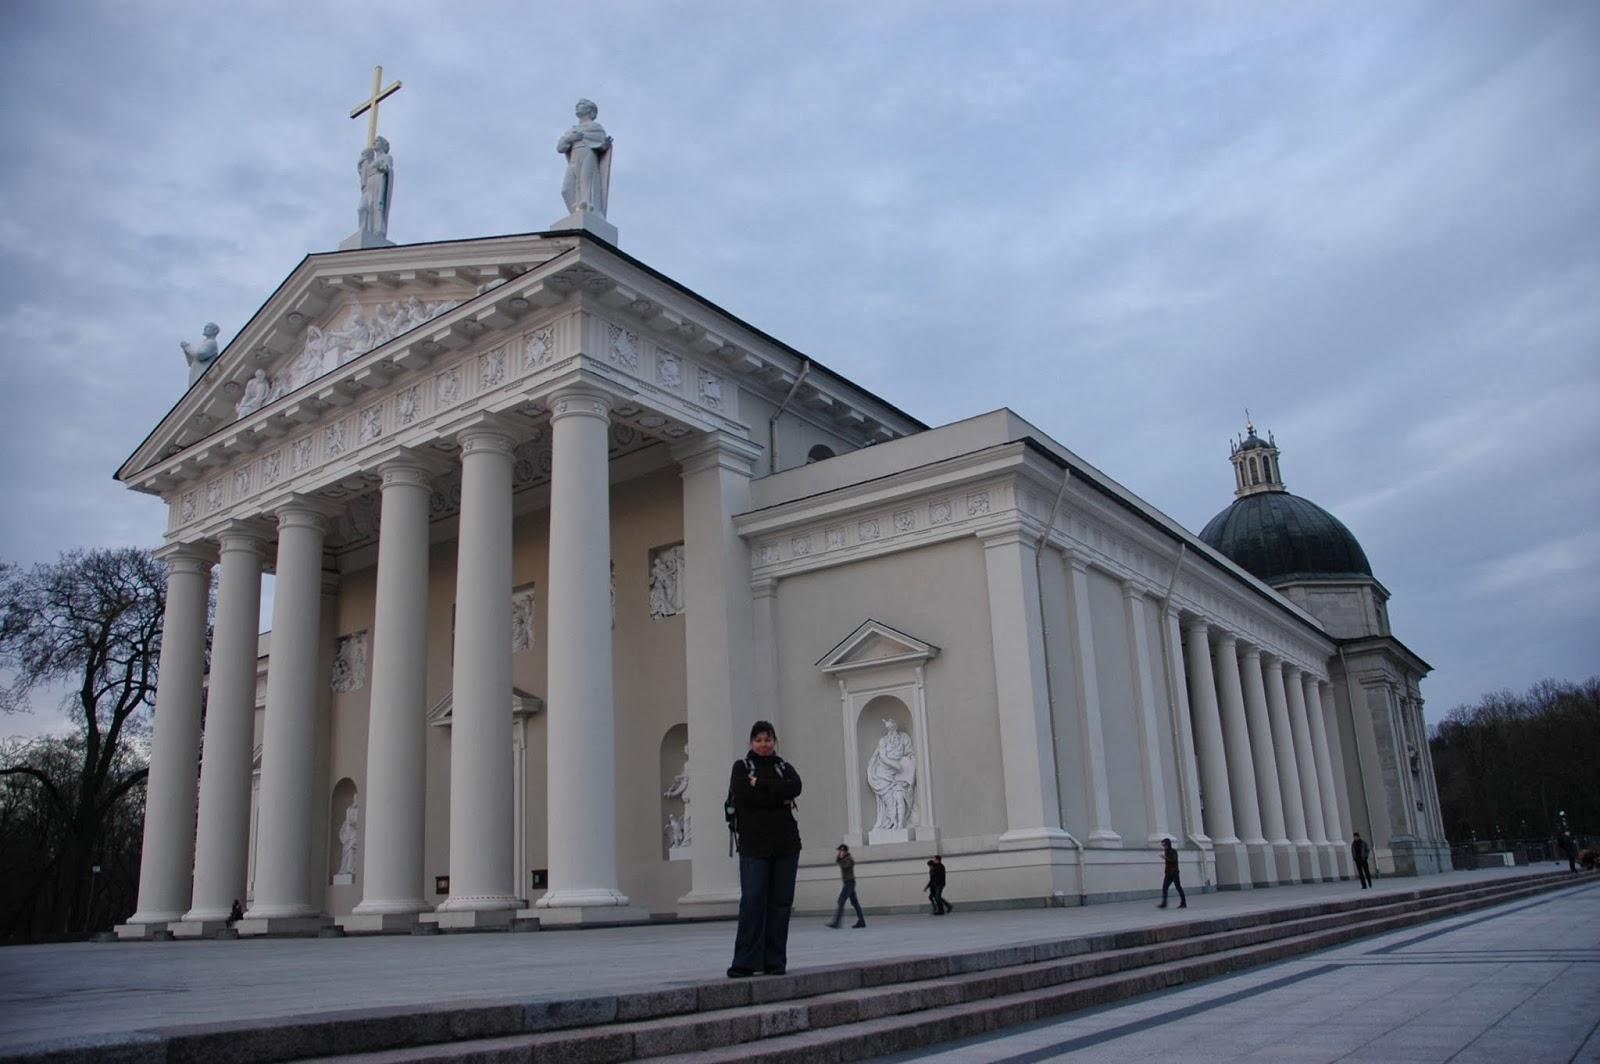 Bazylika Archikatedralna św. Stanisława i św. Władysława z Kaplicą św. Kazimierza w Wilnie